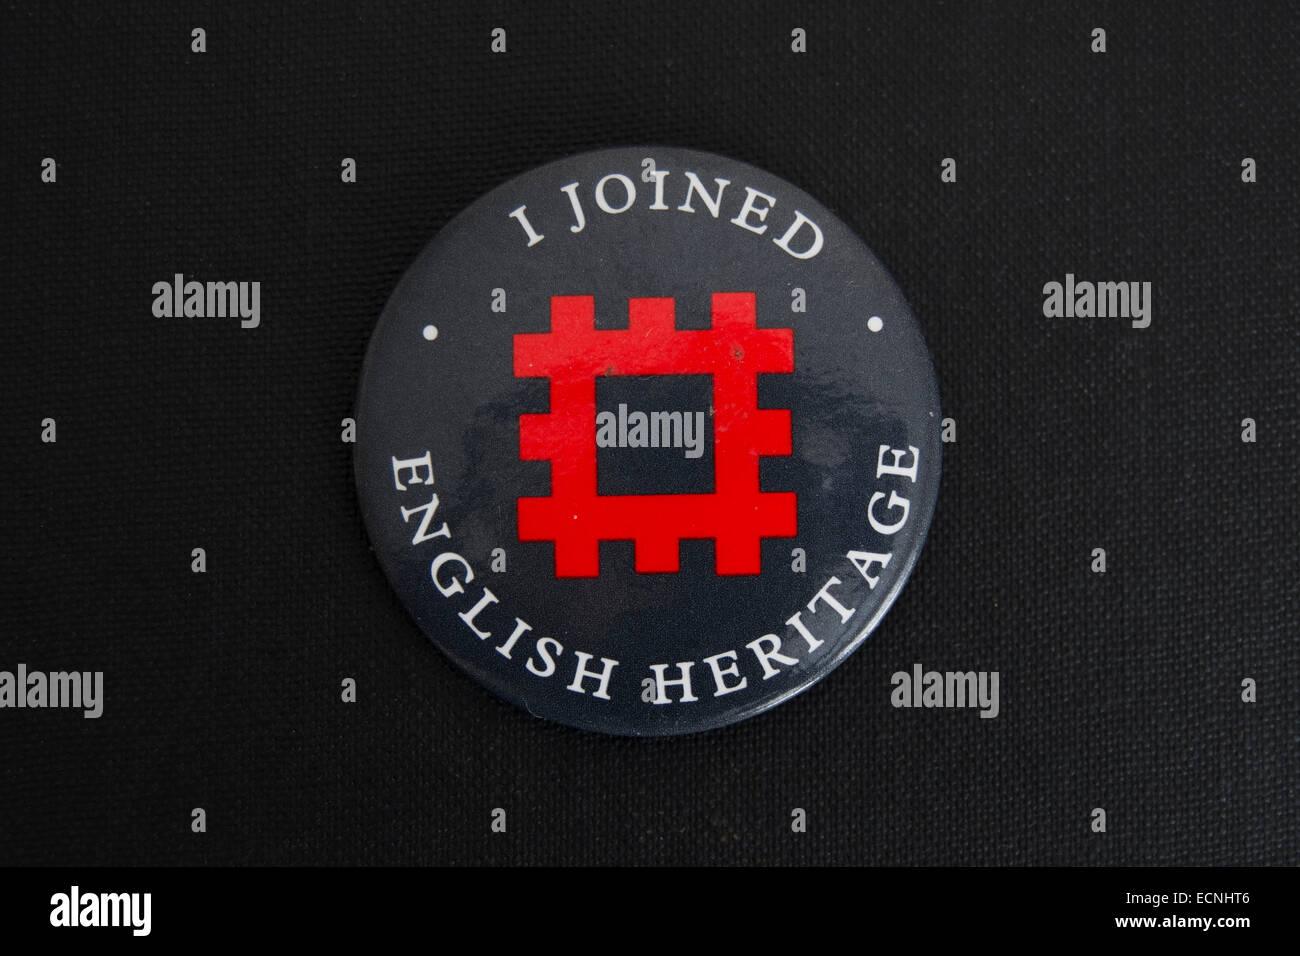 i joined english heritage lapel badge - Stock Image